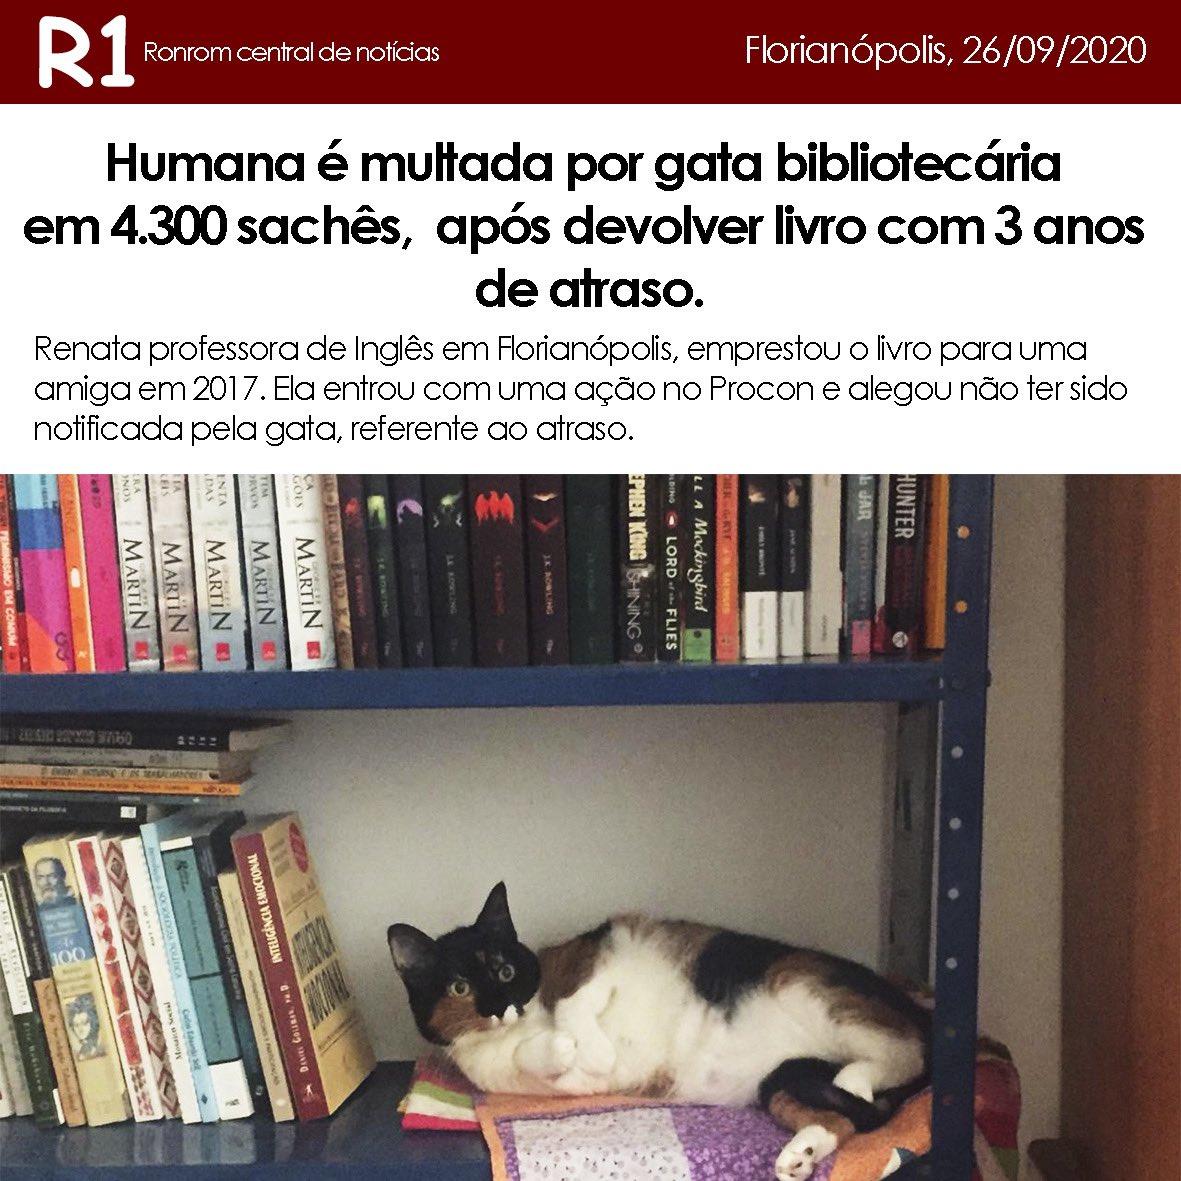 Gatinha Bibliotecária multa humana em 4.300 sachês na tarde deste sábado em #florianopolis 😱😹  #brincadeira #memesbrasil #gatos #adoção #instacat #gatosdotwitter https://t.co/3M3XBeqVIQ